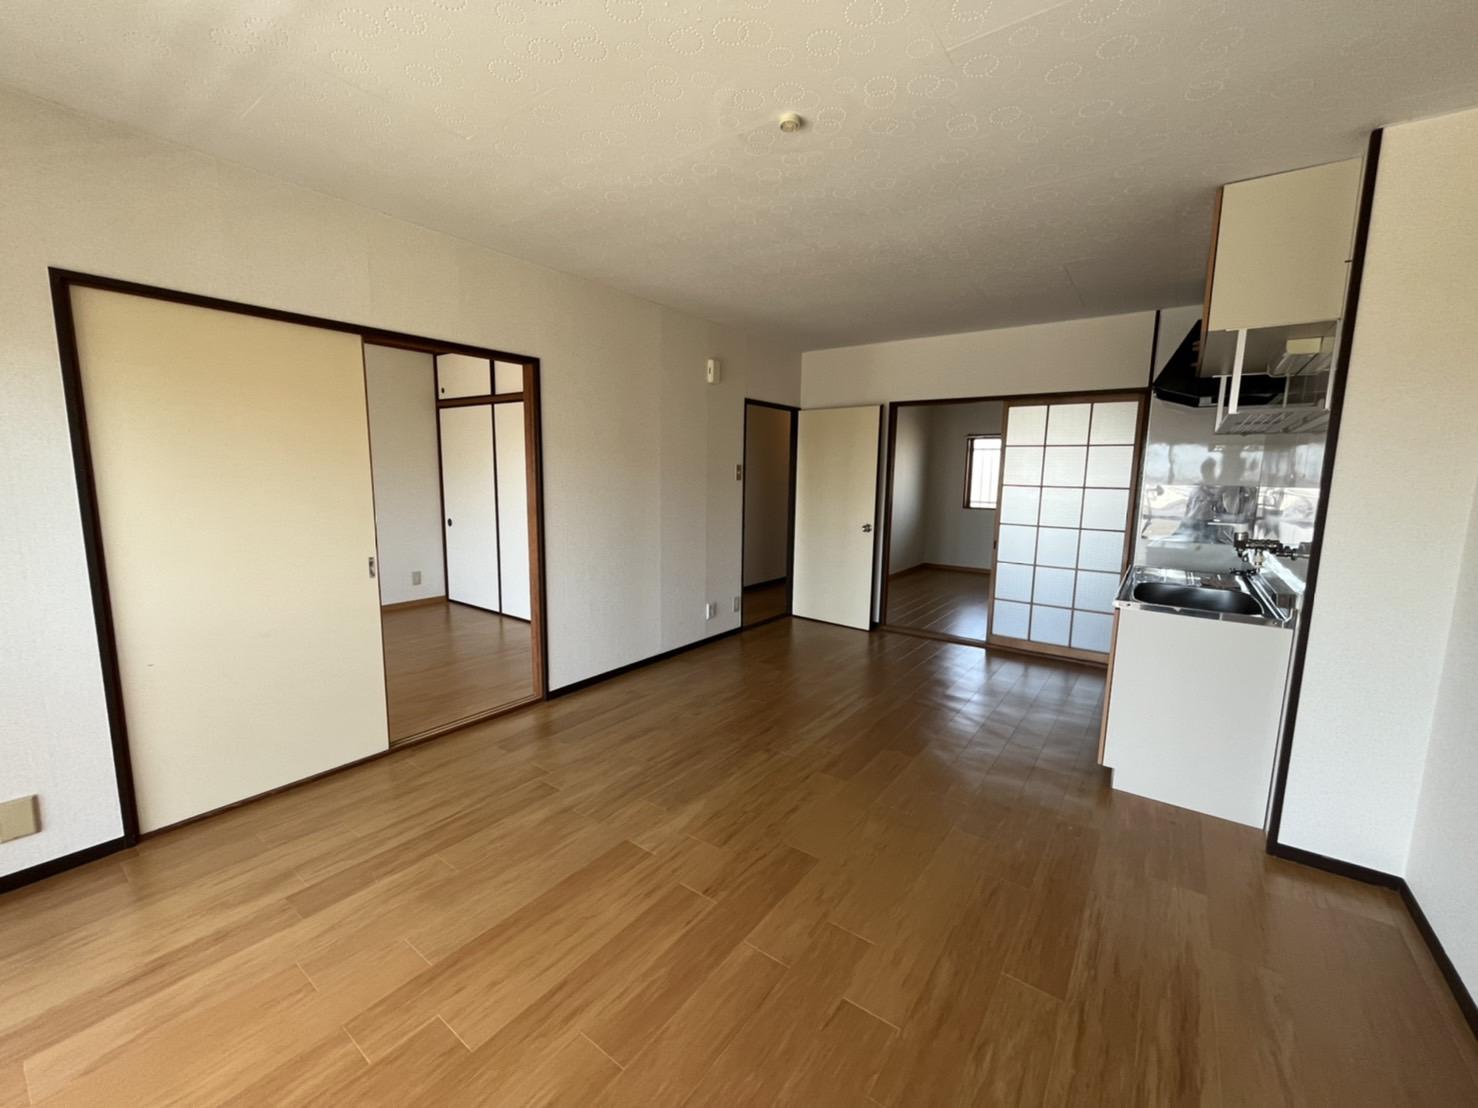 グリーンハイツ横井 03030号室のキッチン